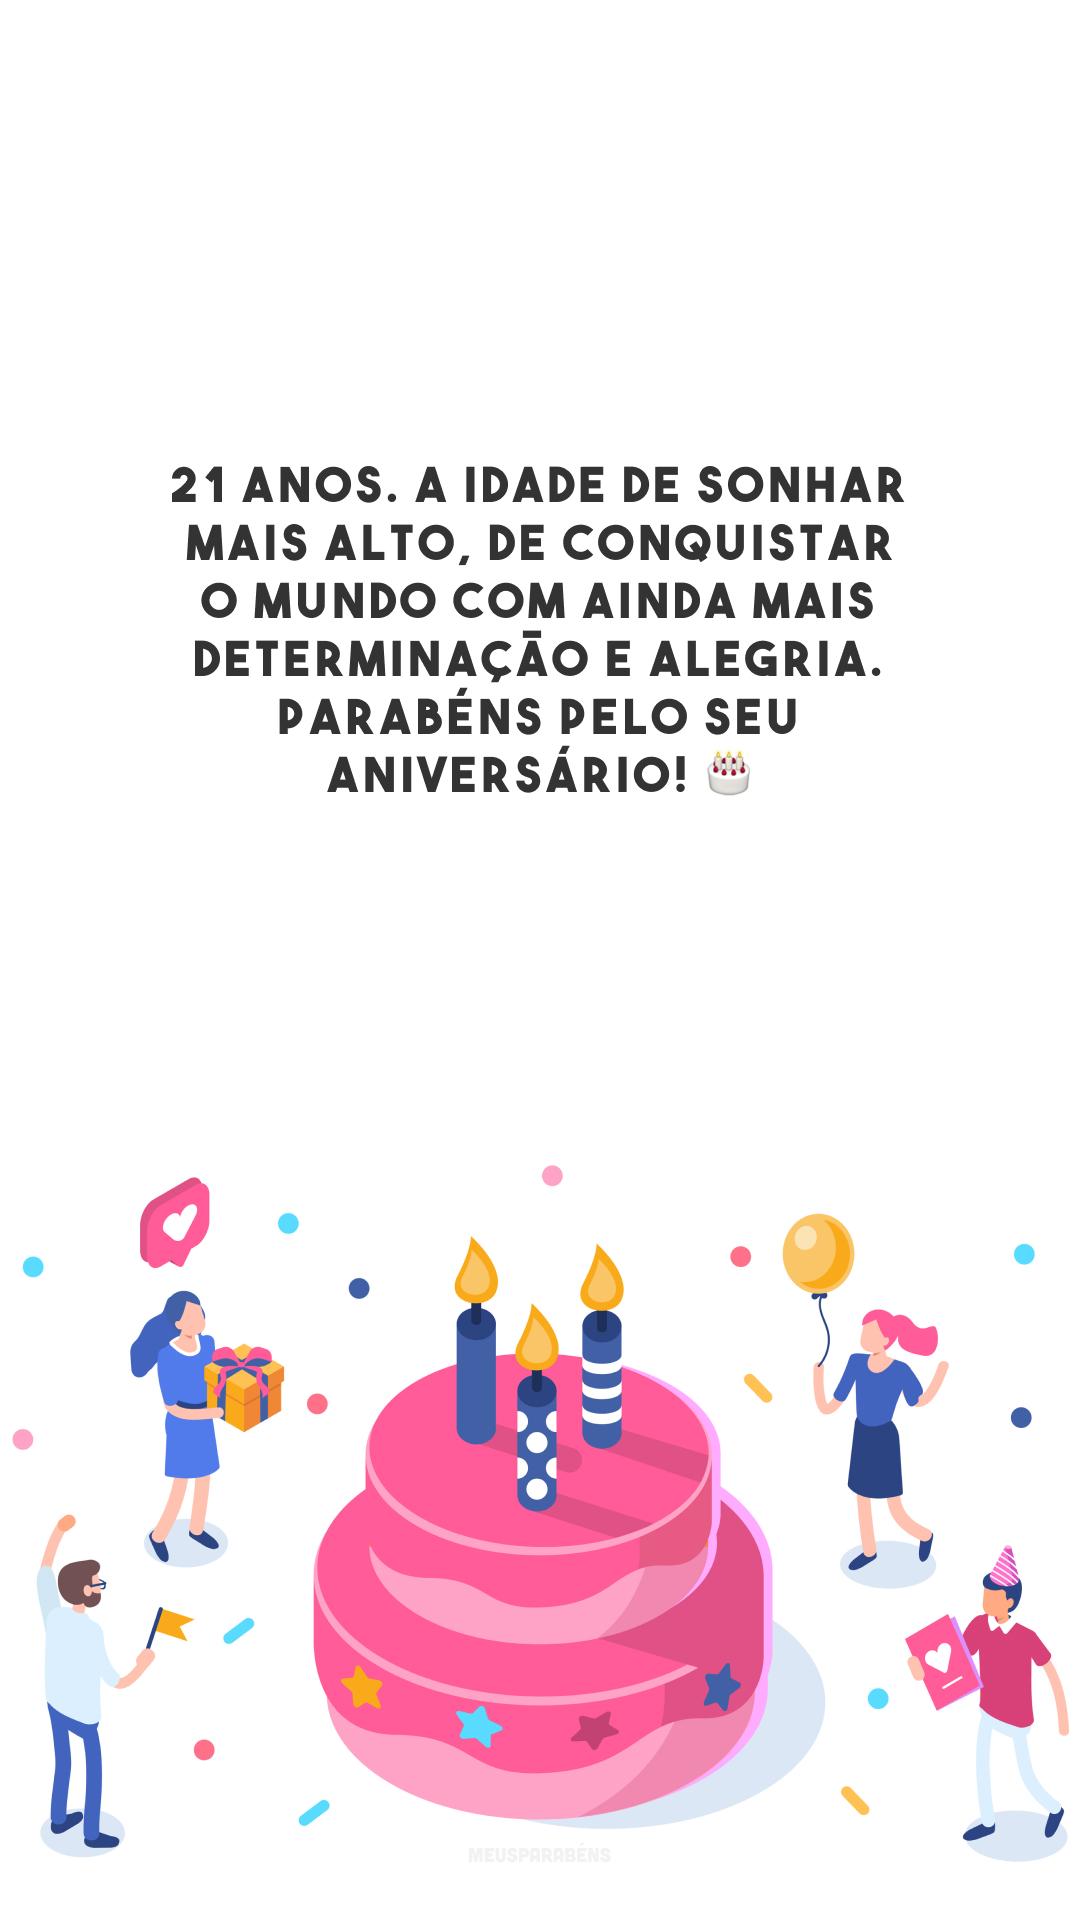 21 anos. A idade de sonhar mais alto, de conquistar o mundo com ainda mais determinação e alegria. Parabéns pelo seu aniversário! 🎂